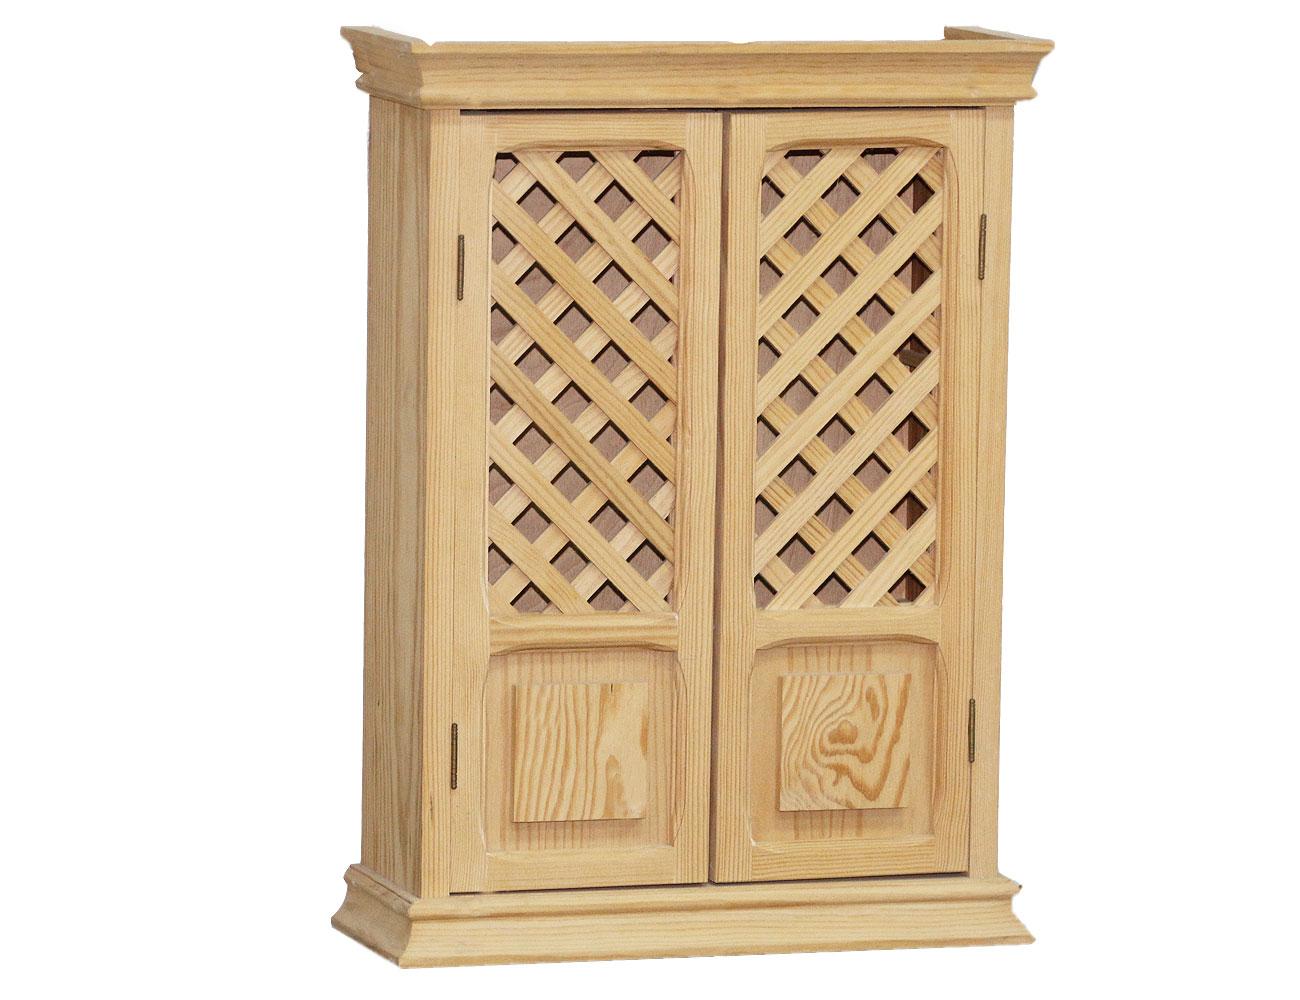 Muebles En Crudo Online Excellent Muebles Colonial With Muebles  # Muebles En Crudo